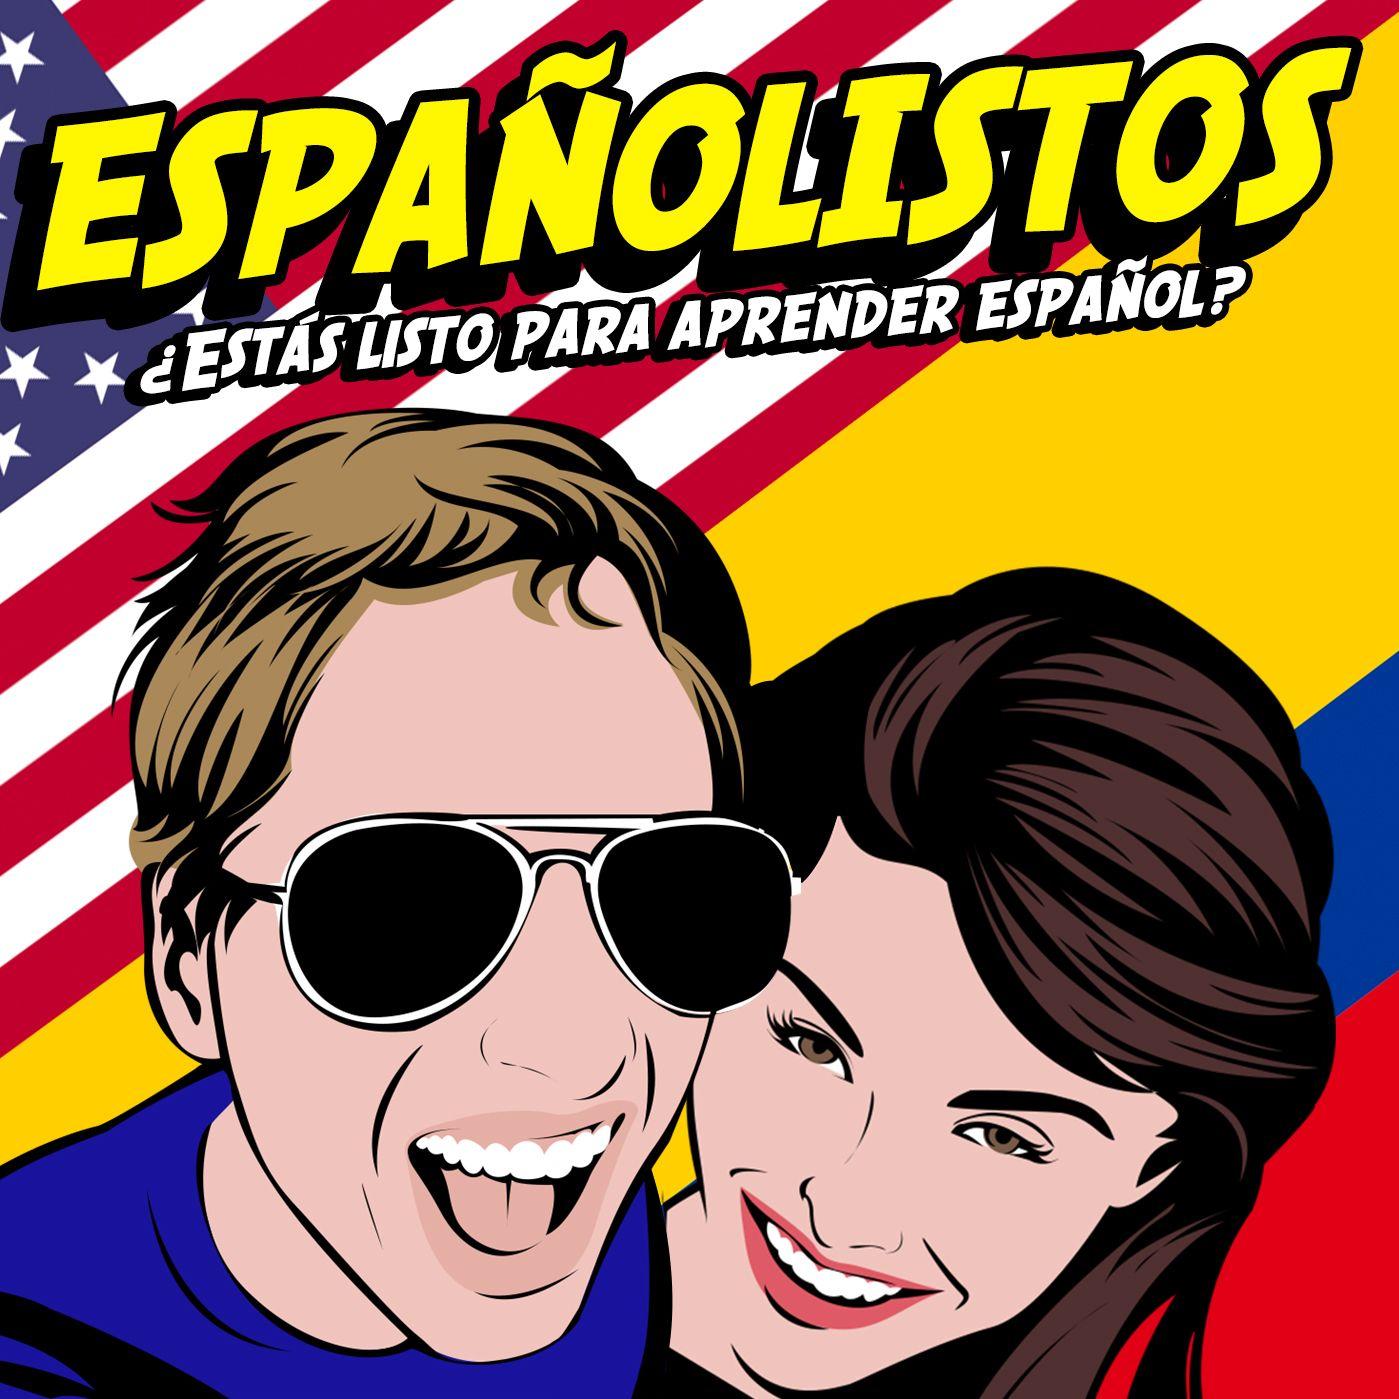 Episodio 083 - Cómo Perder El Miedo A Hablar En Español